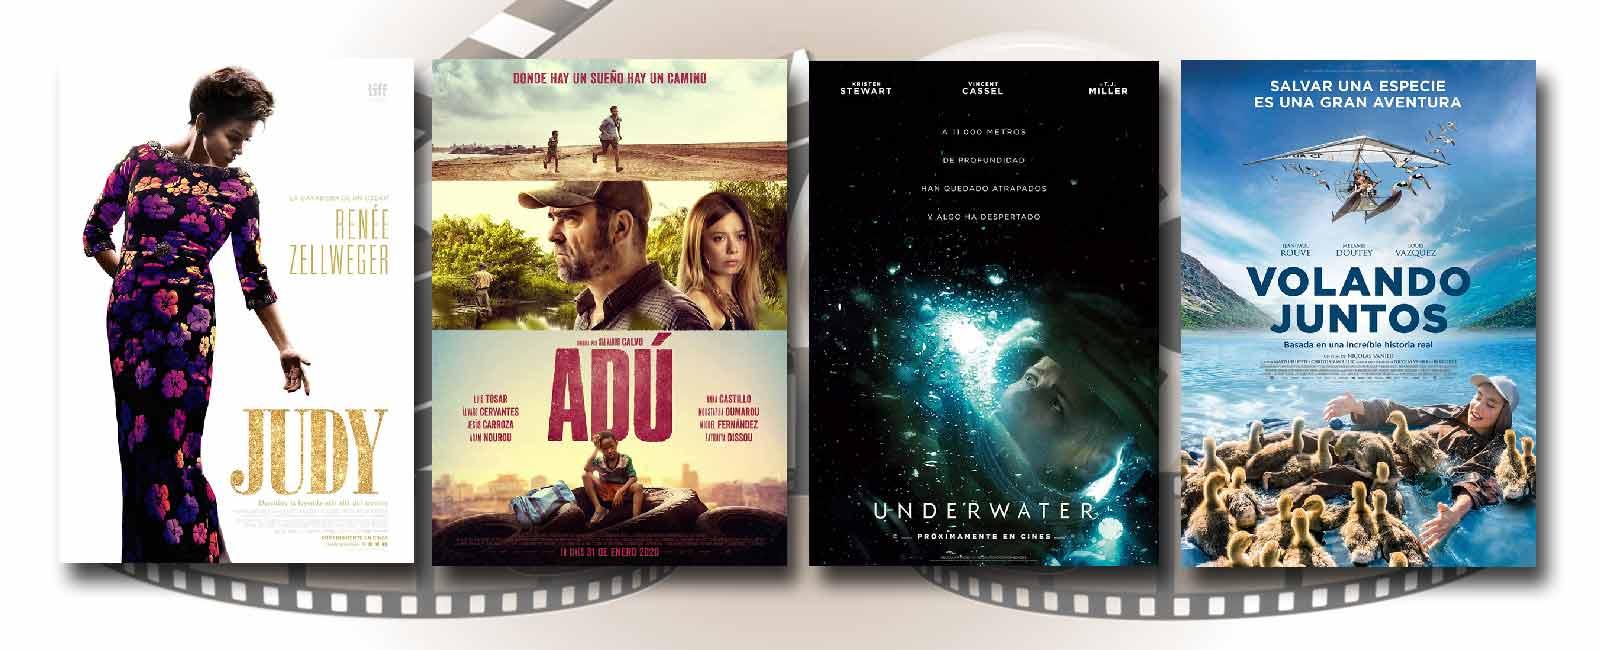 Estrenos de Cine de la Semana… 31 de Enero 2020